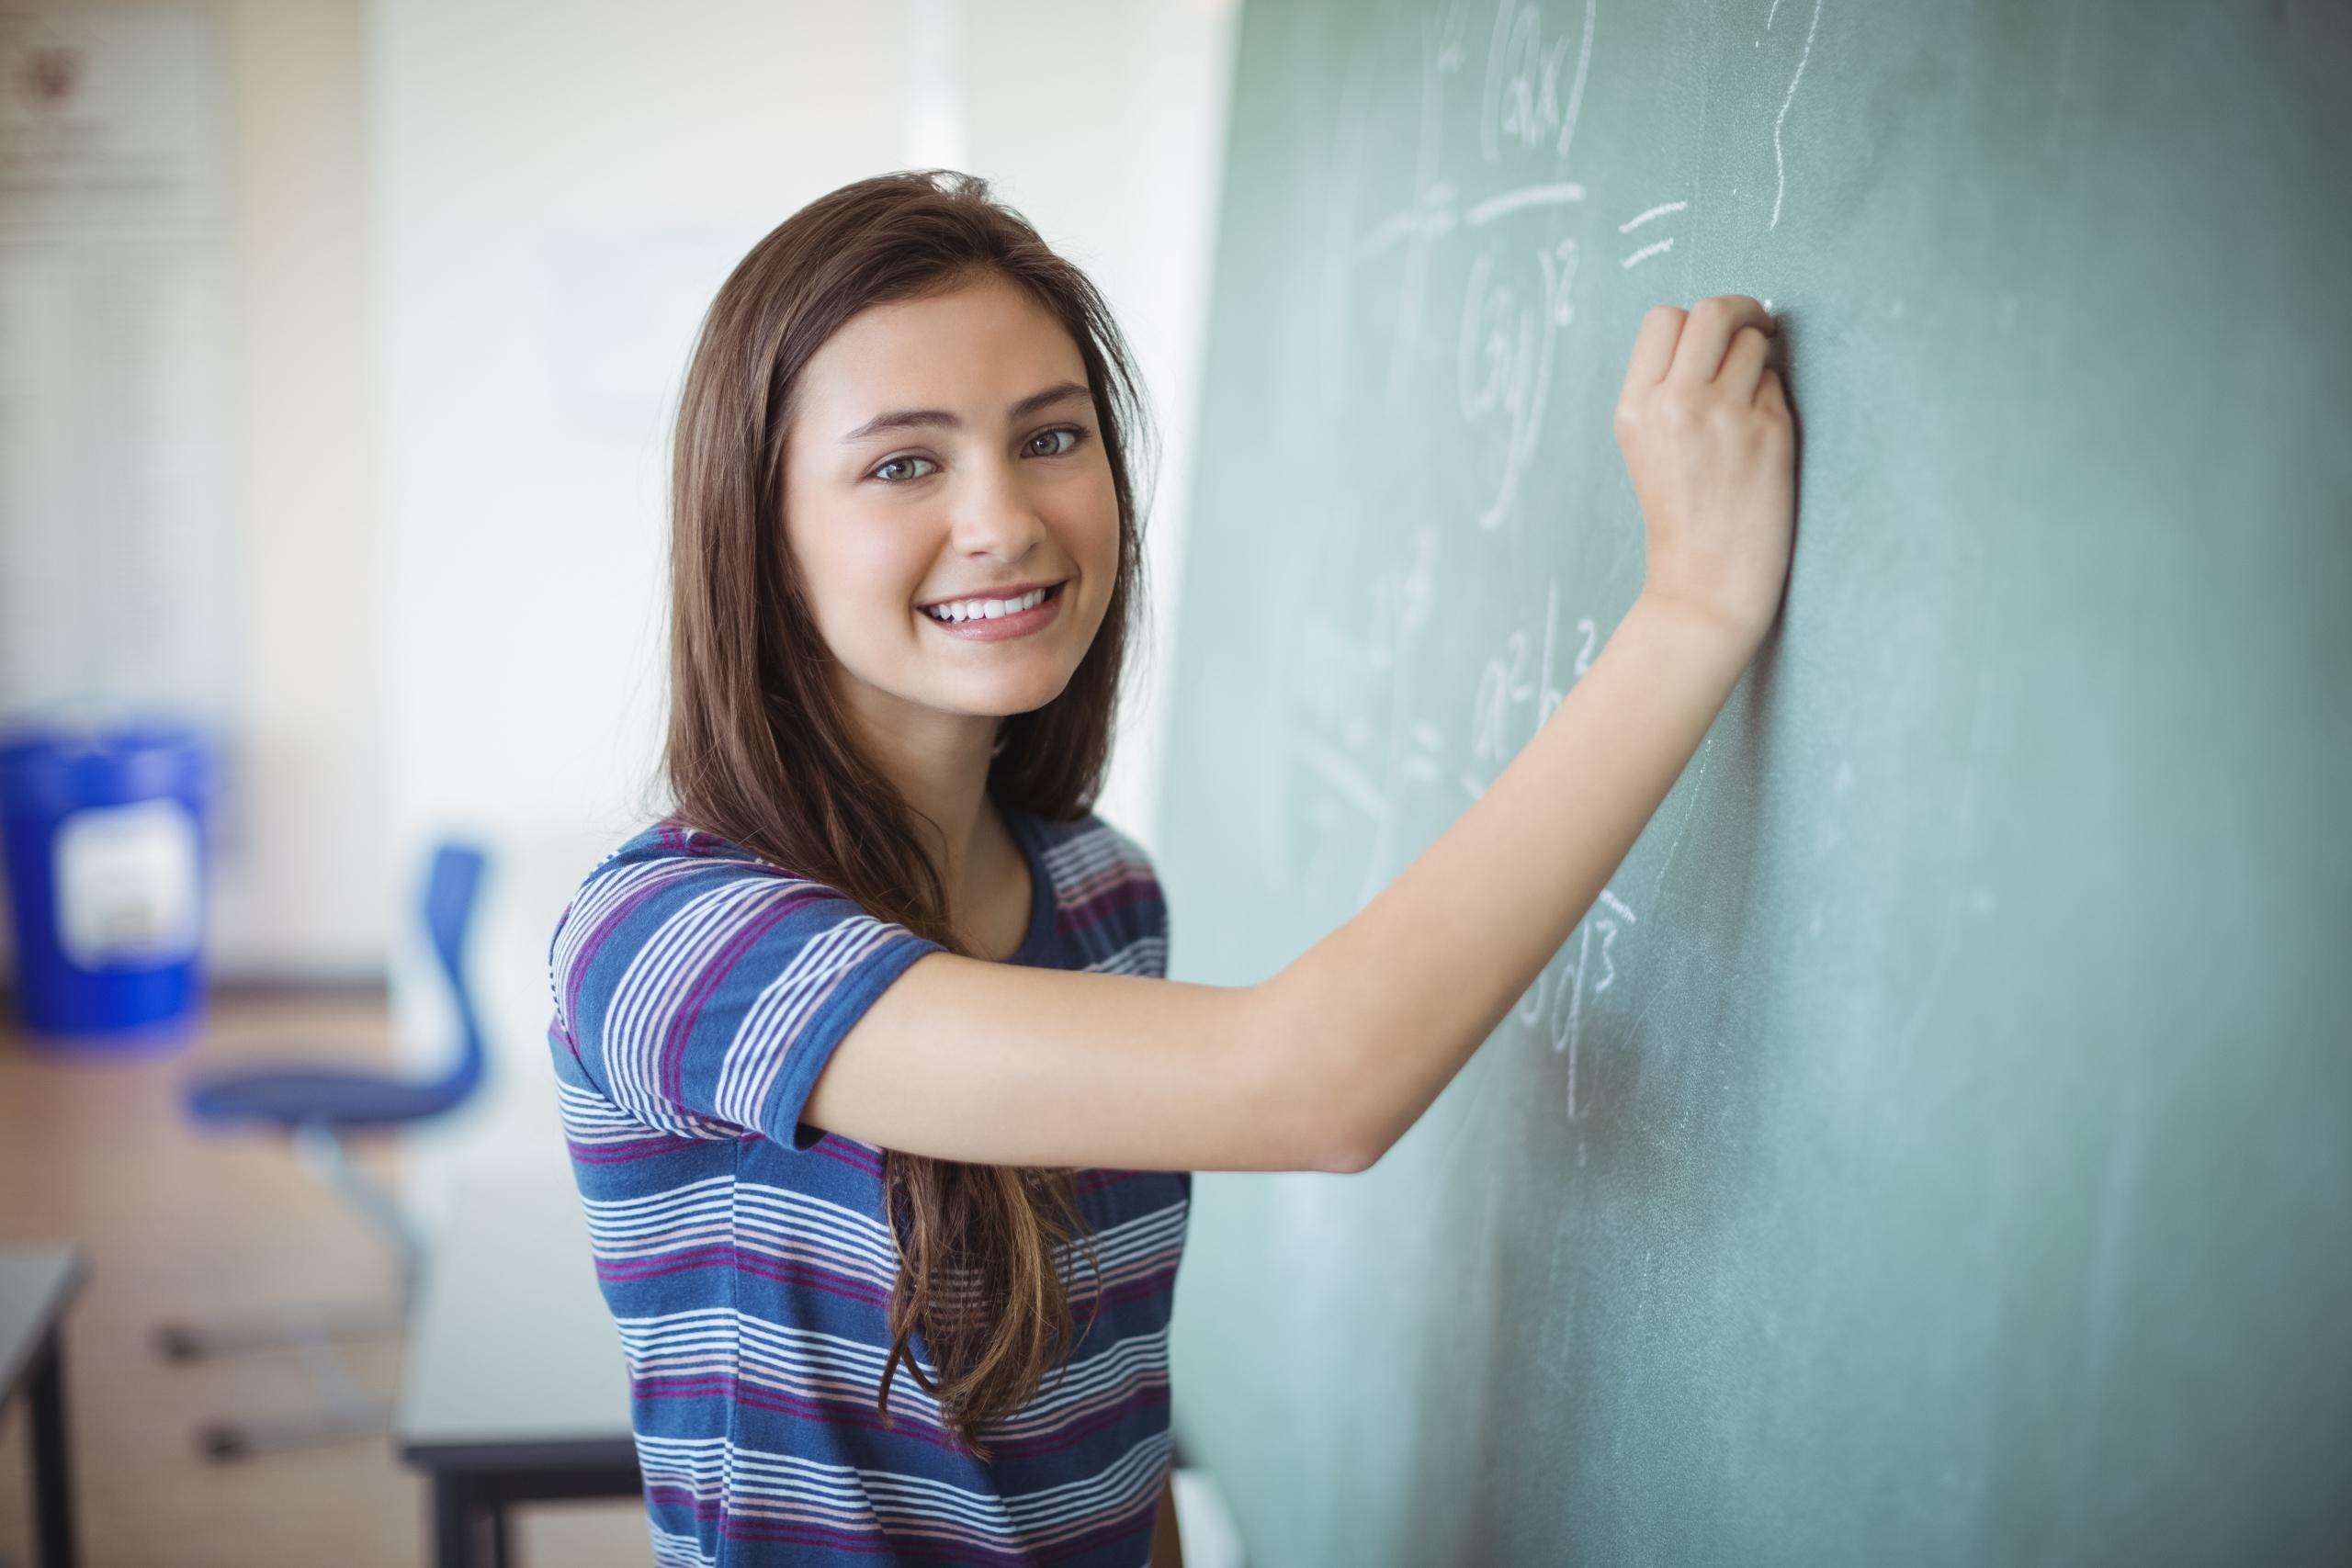 Schoolgirl pretending to be a teacher in classroom | Mathematik_Schülerin an der Tafel